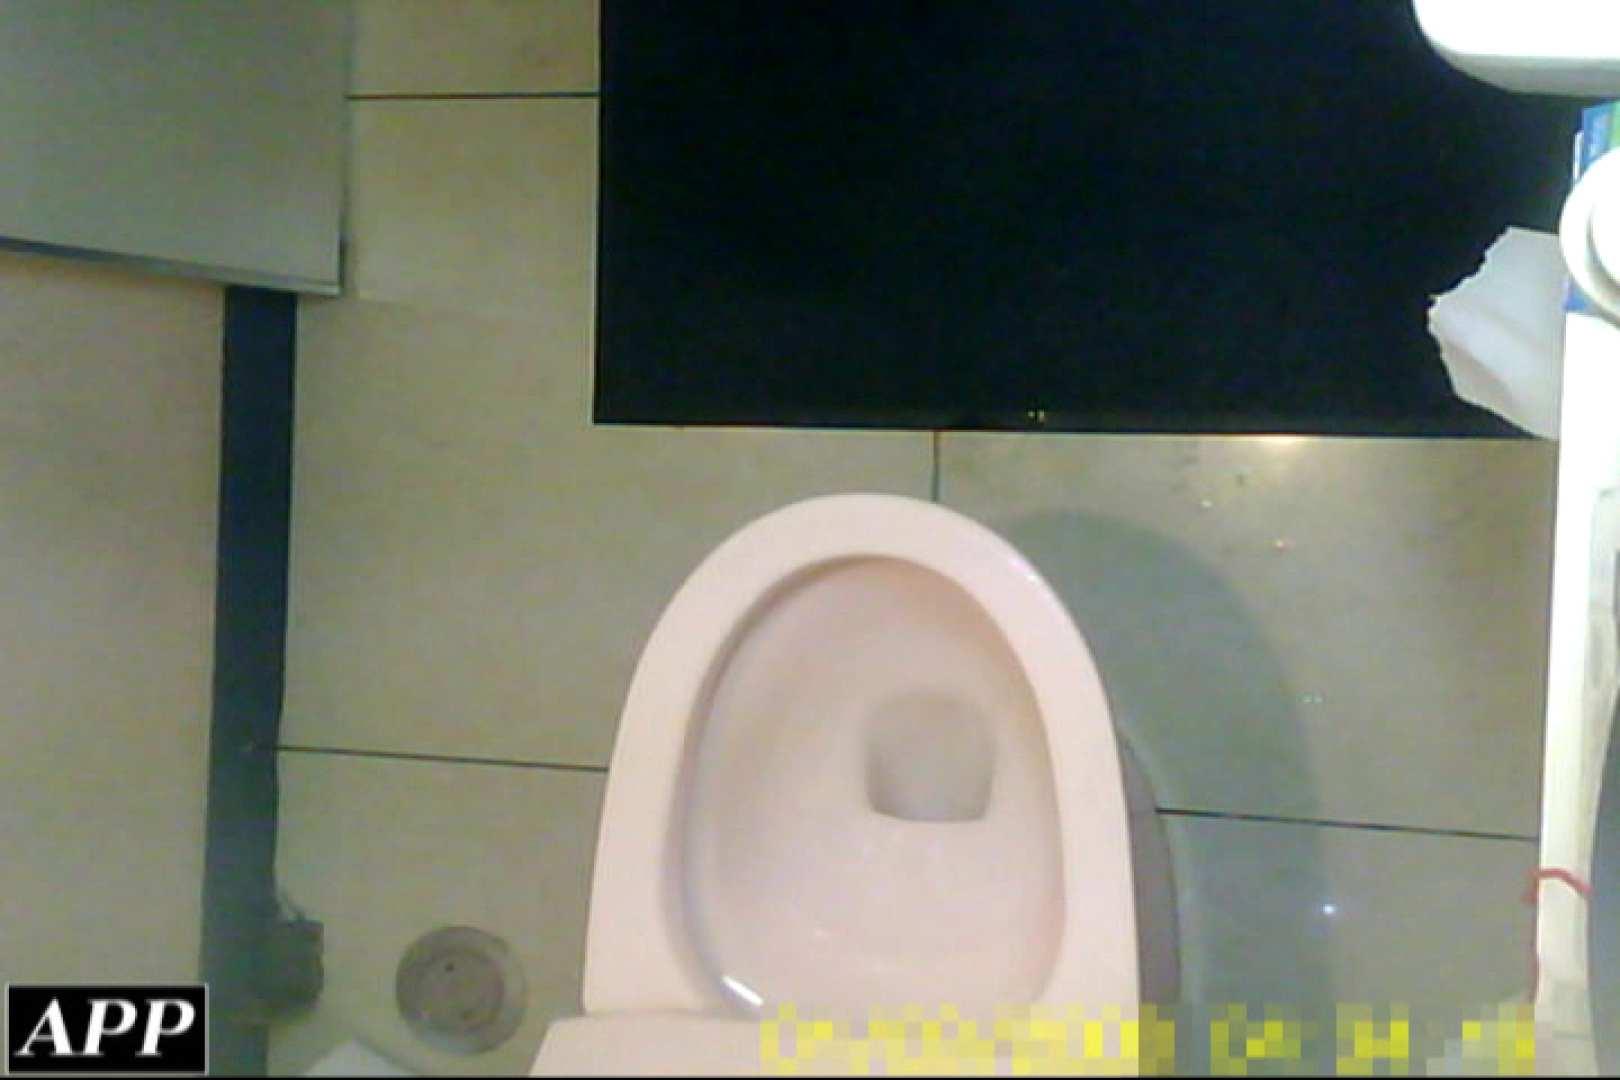 3視点洗面所 vol.119 OLセックス 盗撮AV動画キャプチャ 101画像 50